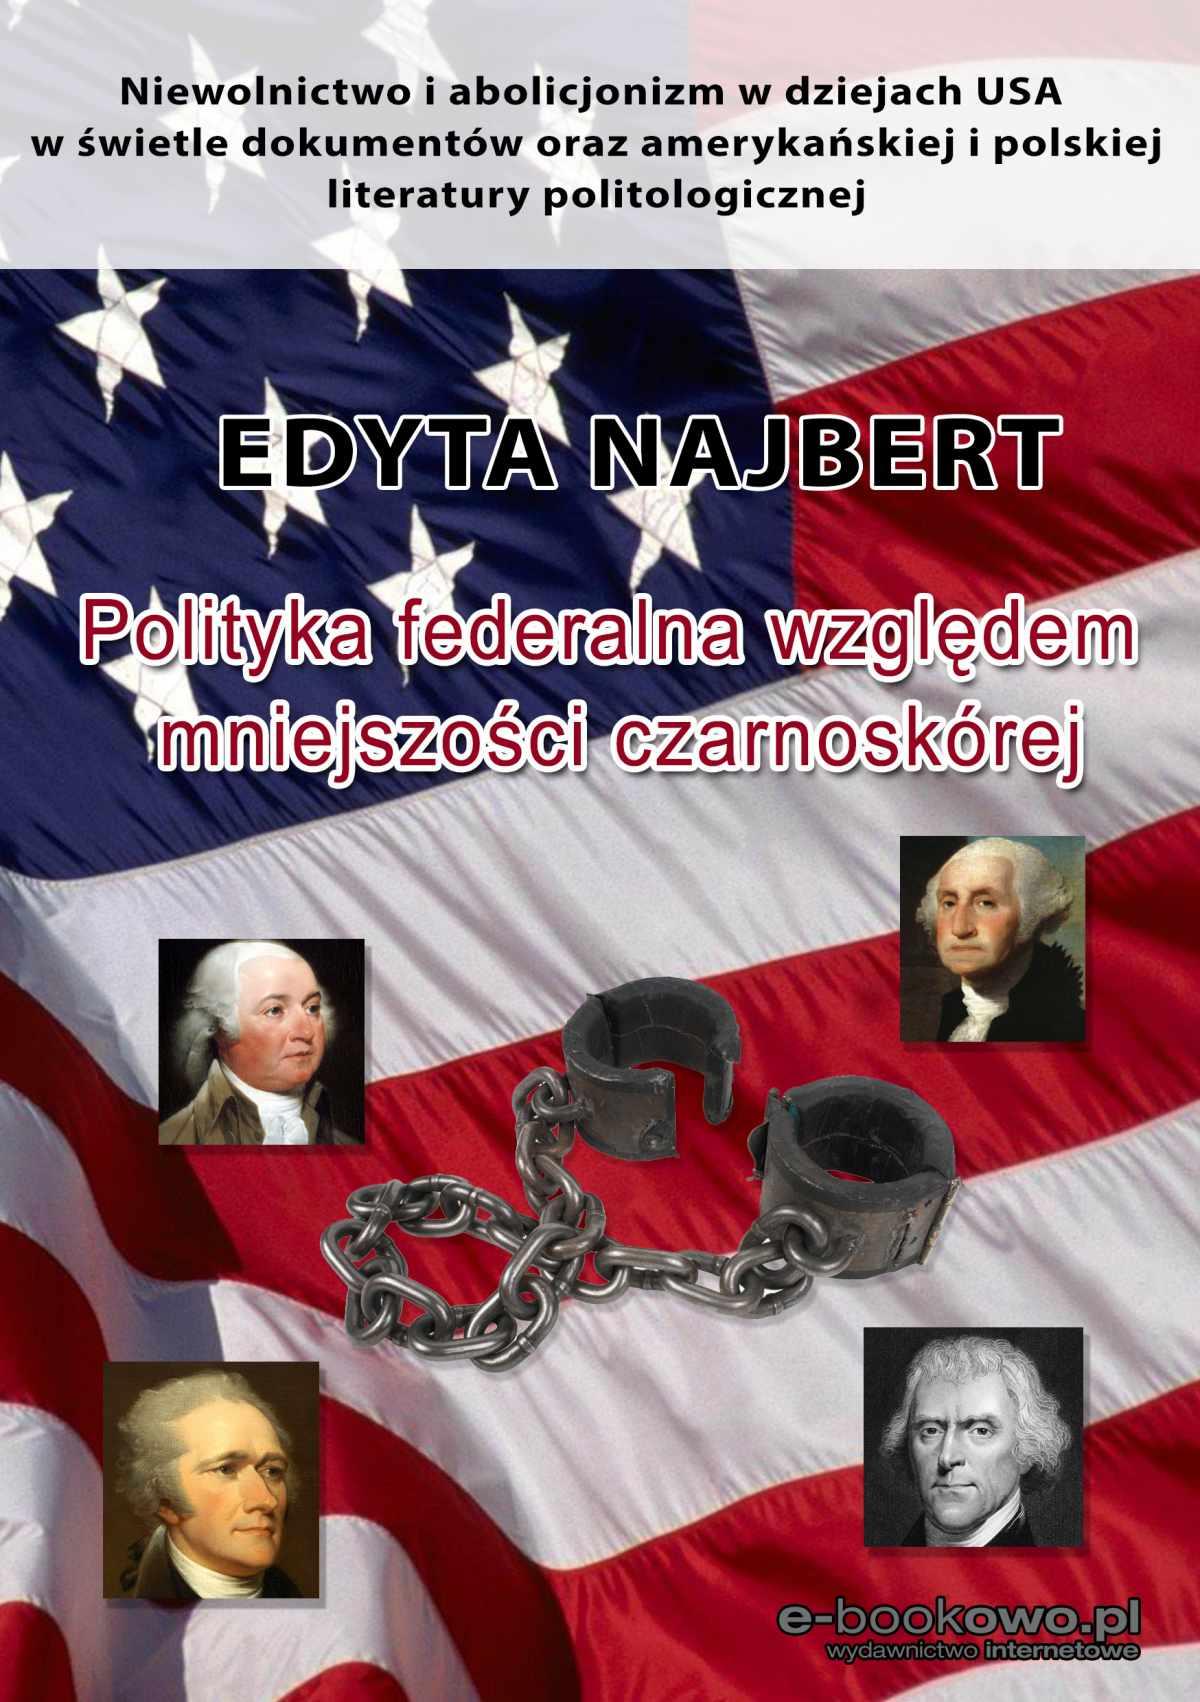 Polityka federalna względem mniejszości czarnoskórej - Ebook (Książka PDF) do pobrania w formacie PDF